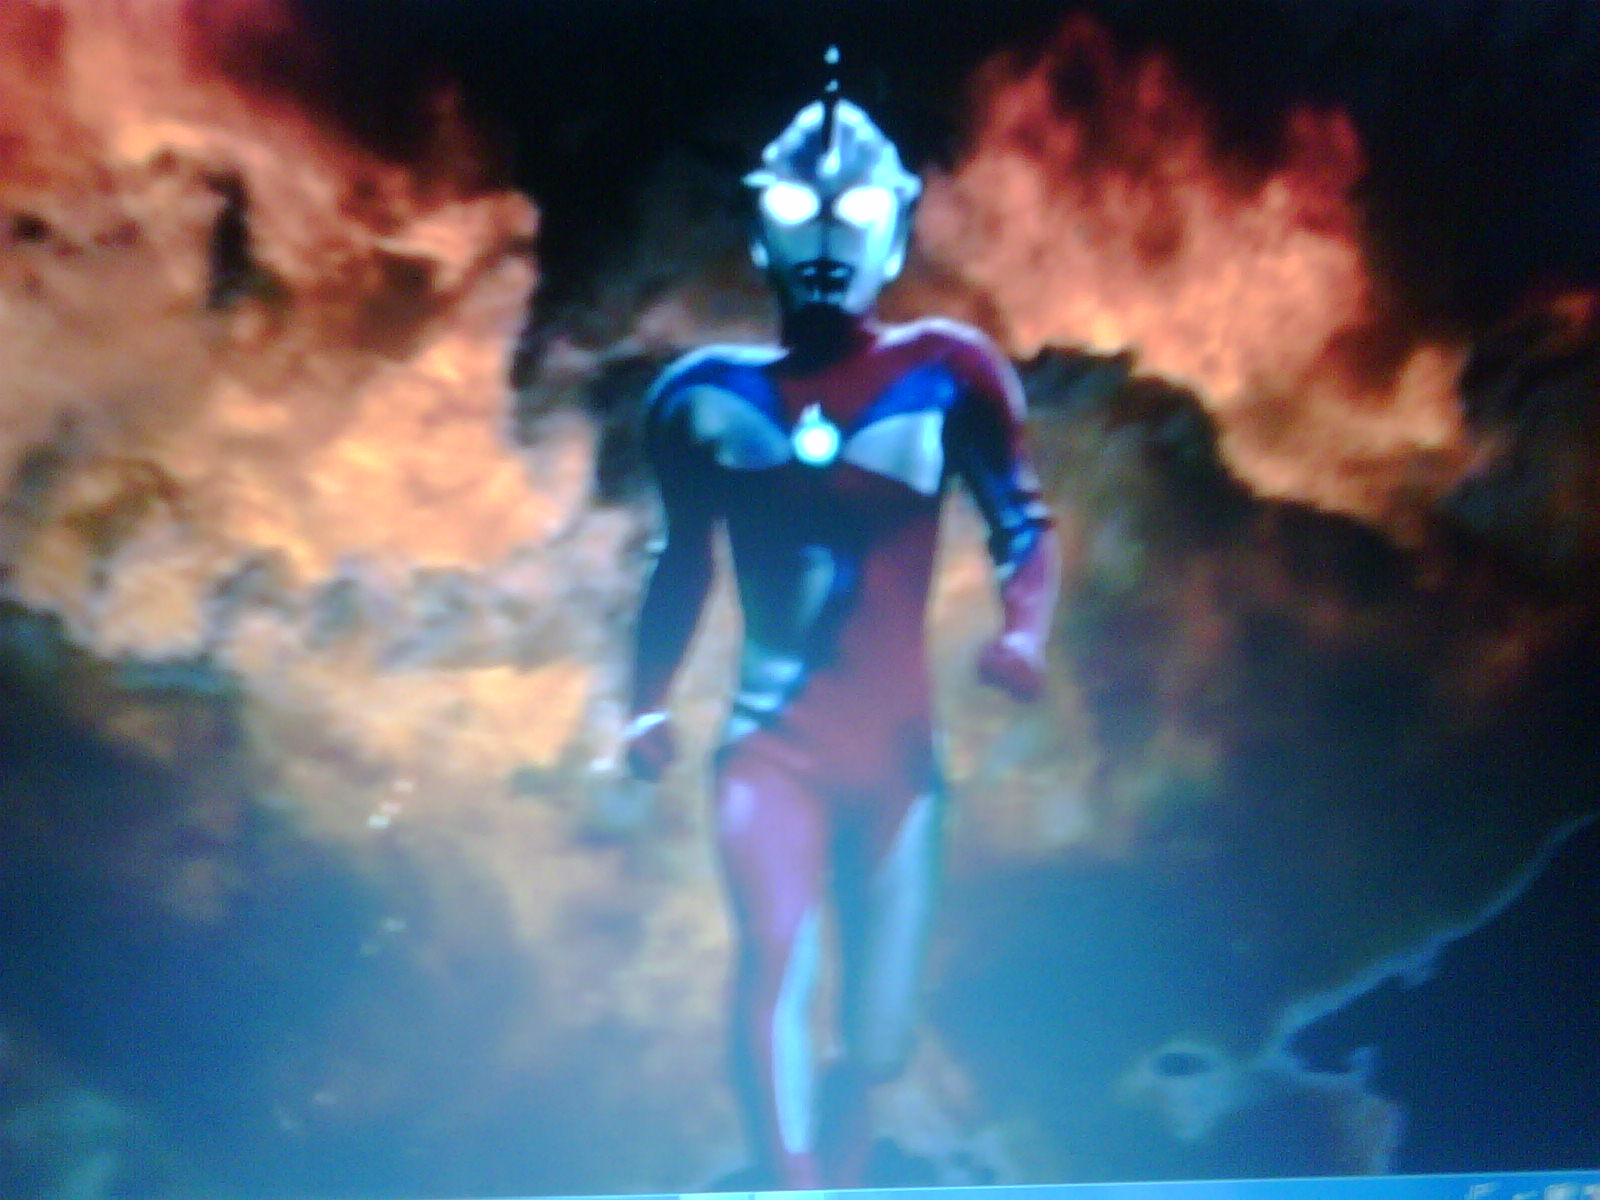 Muara Hati: Ultraman Cosmos